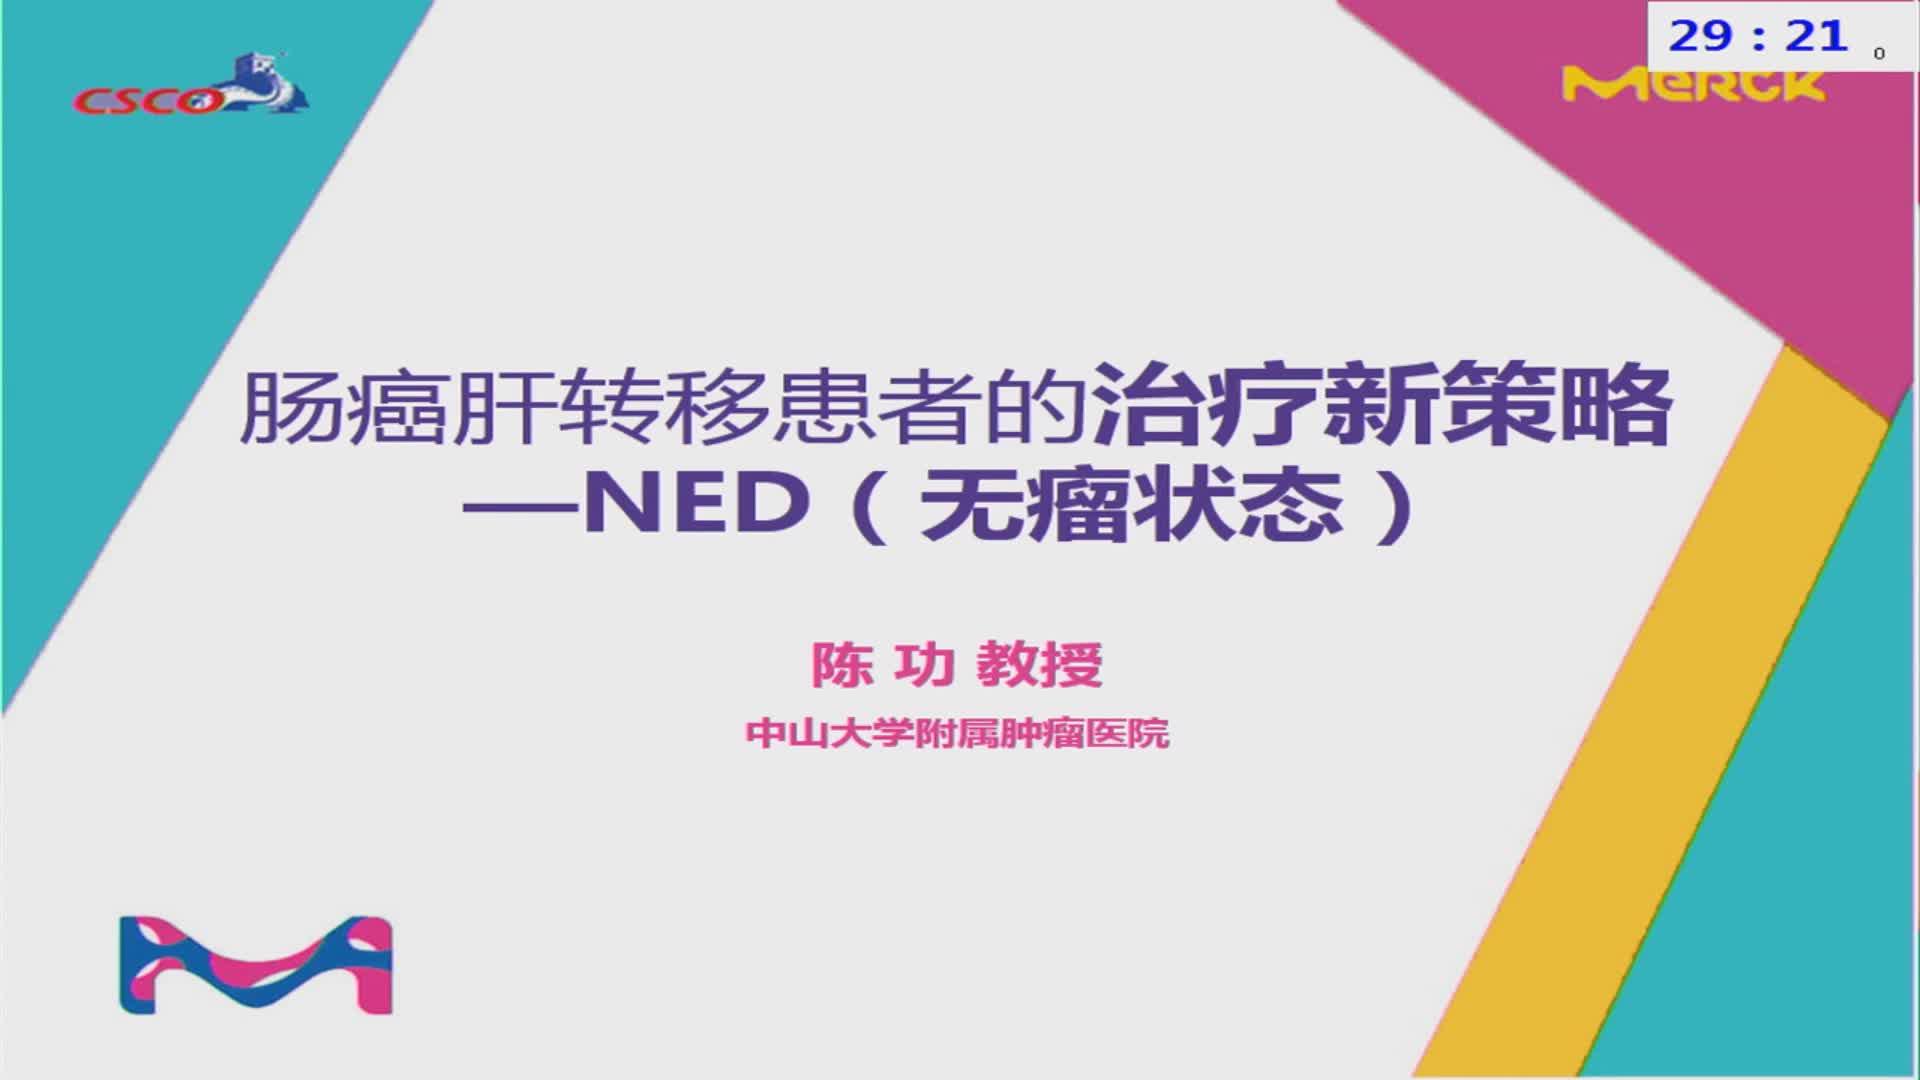 肠癌肝转移患者的治疗新策略-NED(无瘤状态)